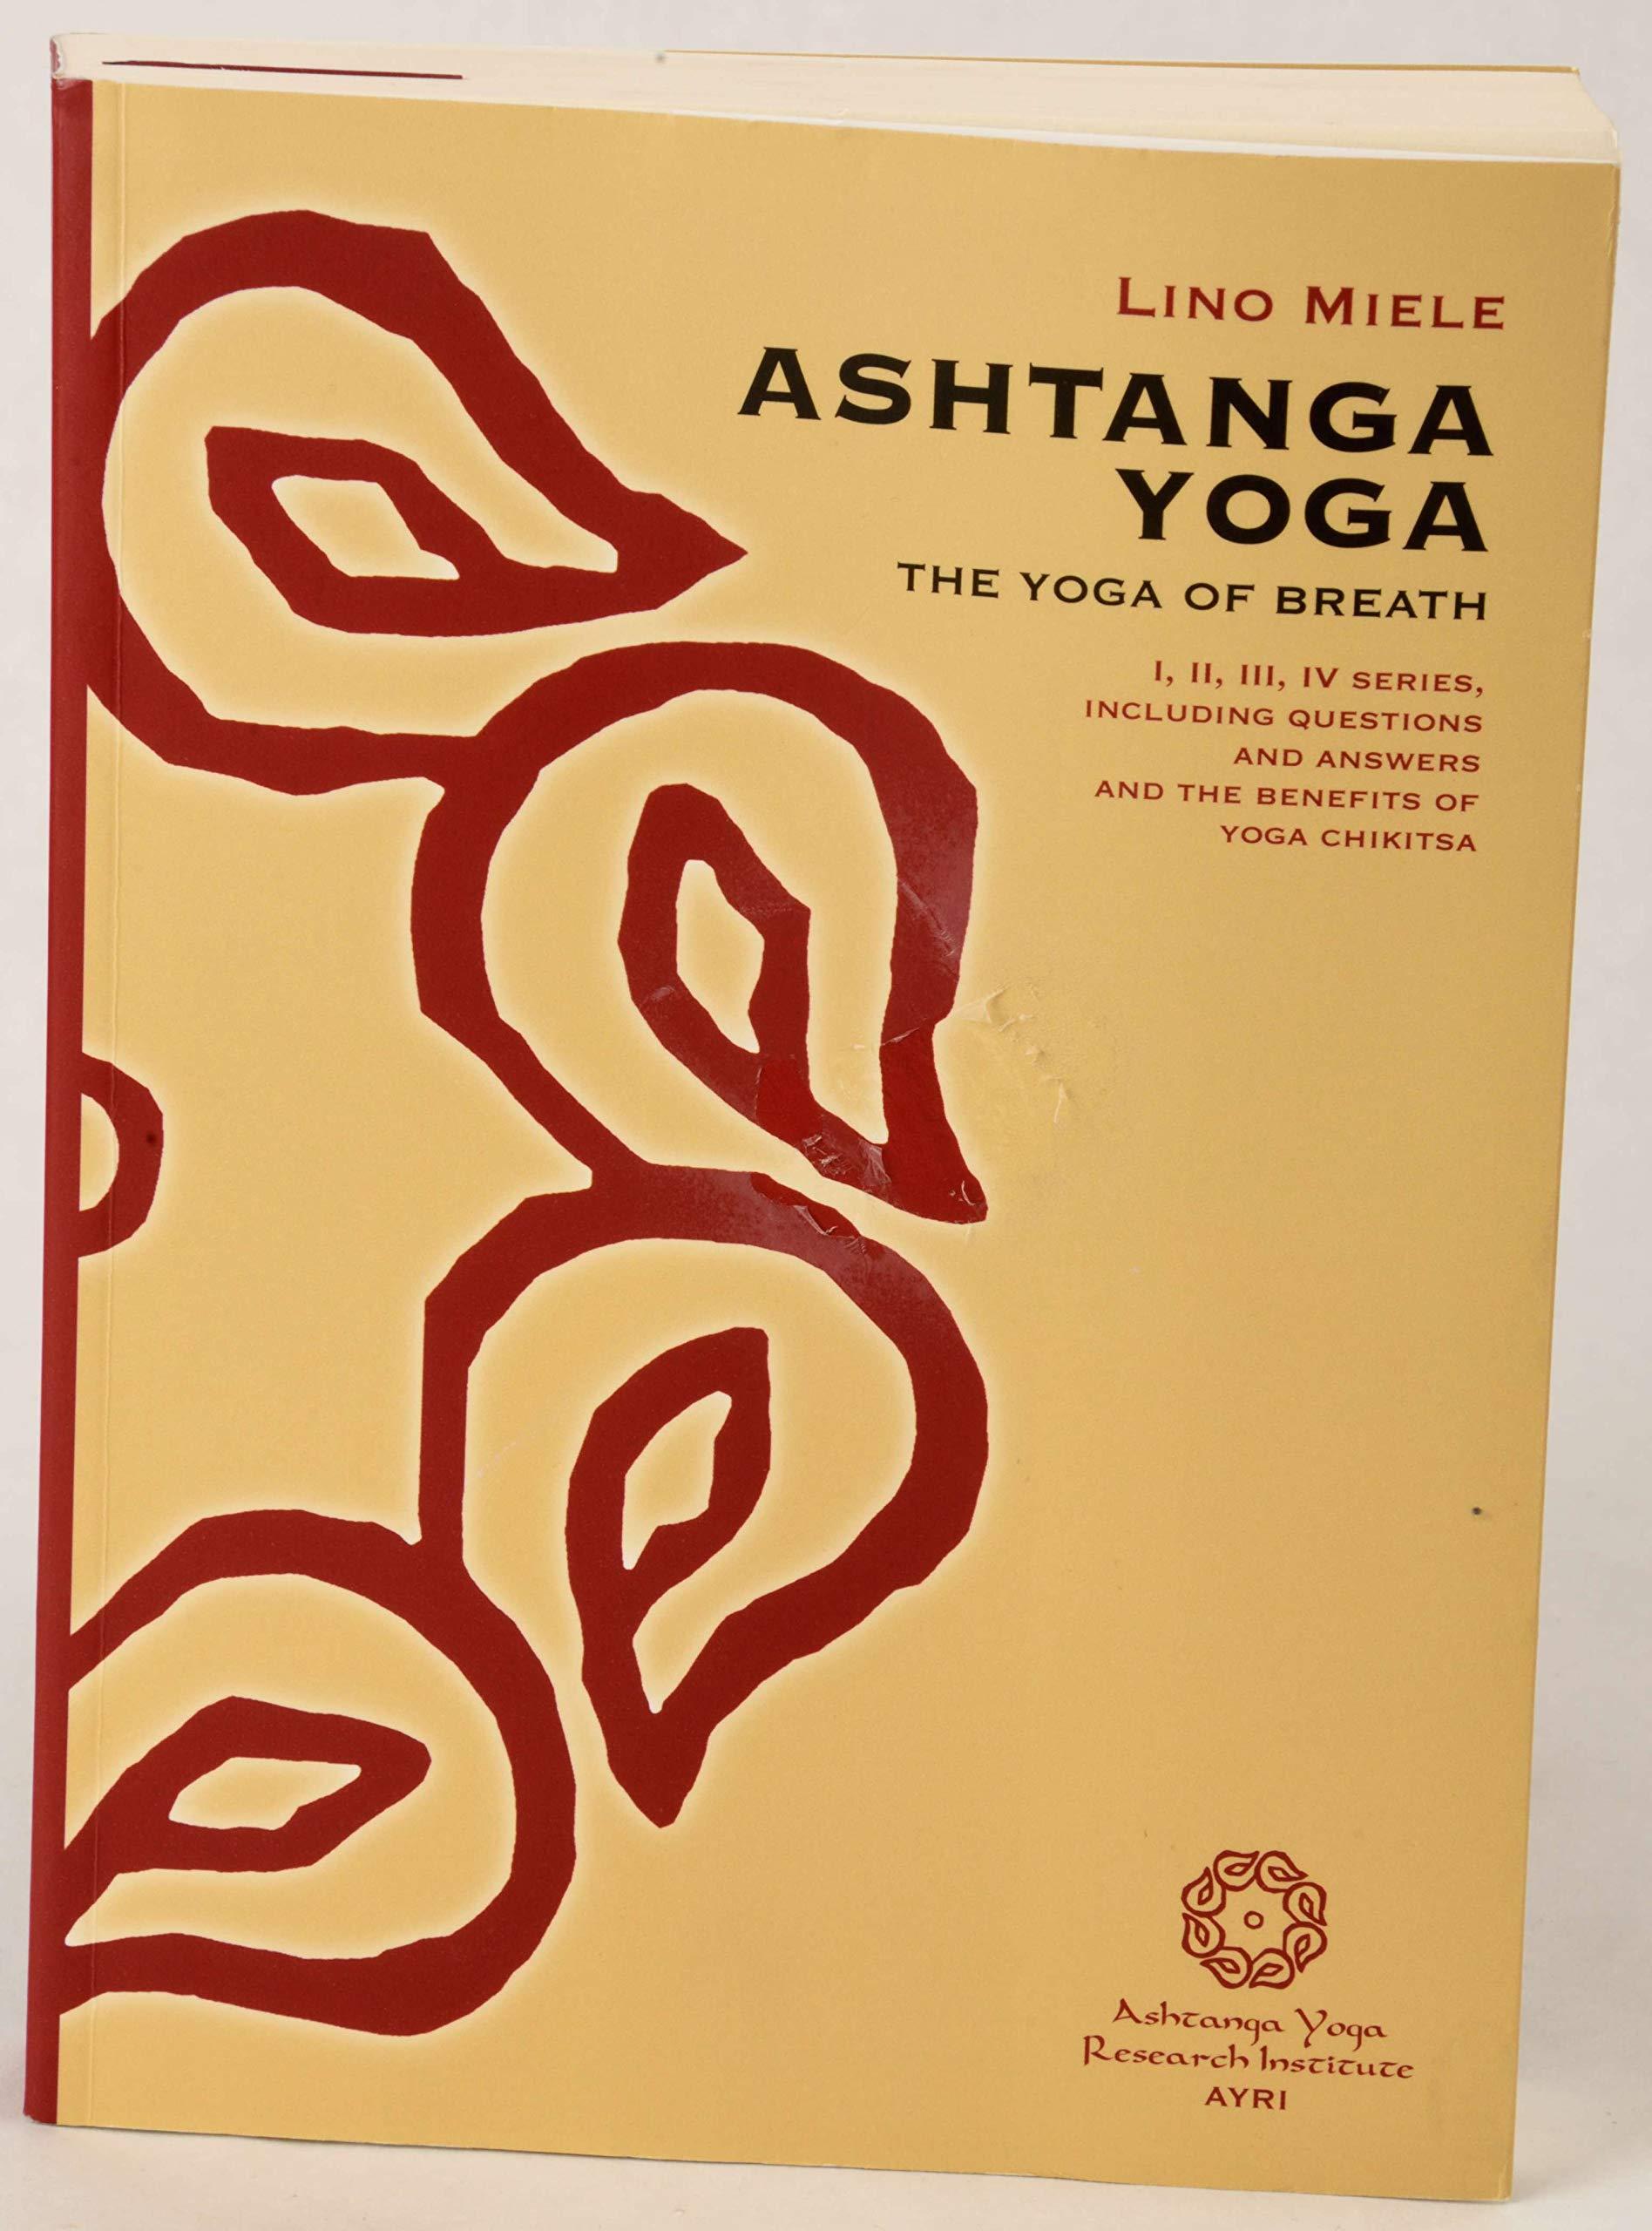 Amazon.com: Ashtanga Yoga The Yoga of Breath: Lino Miele ...